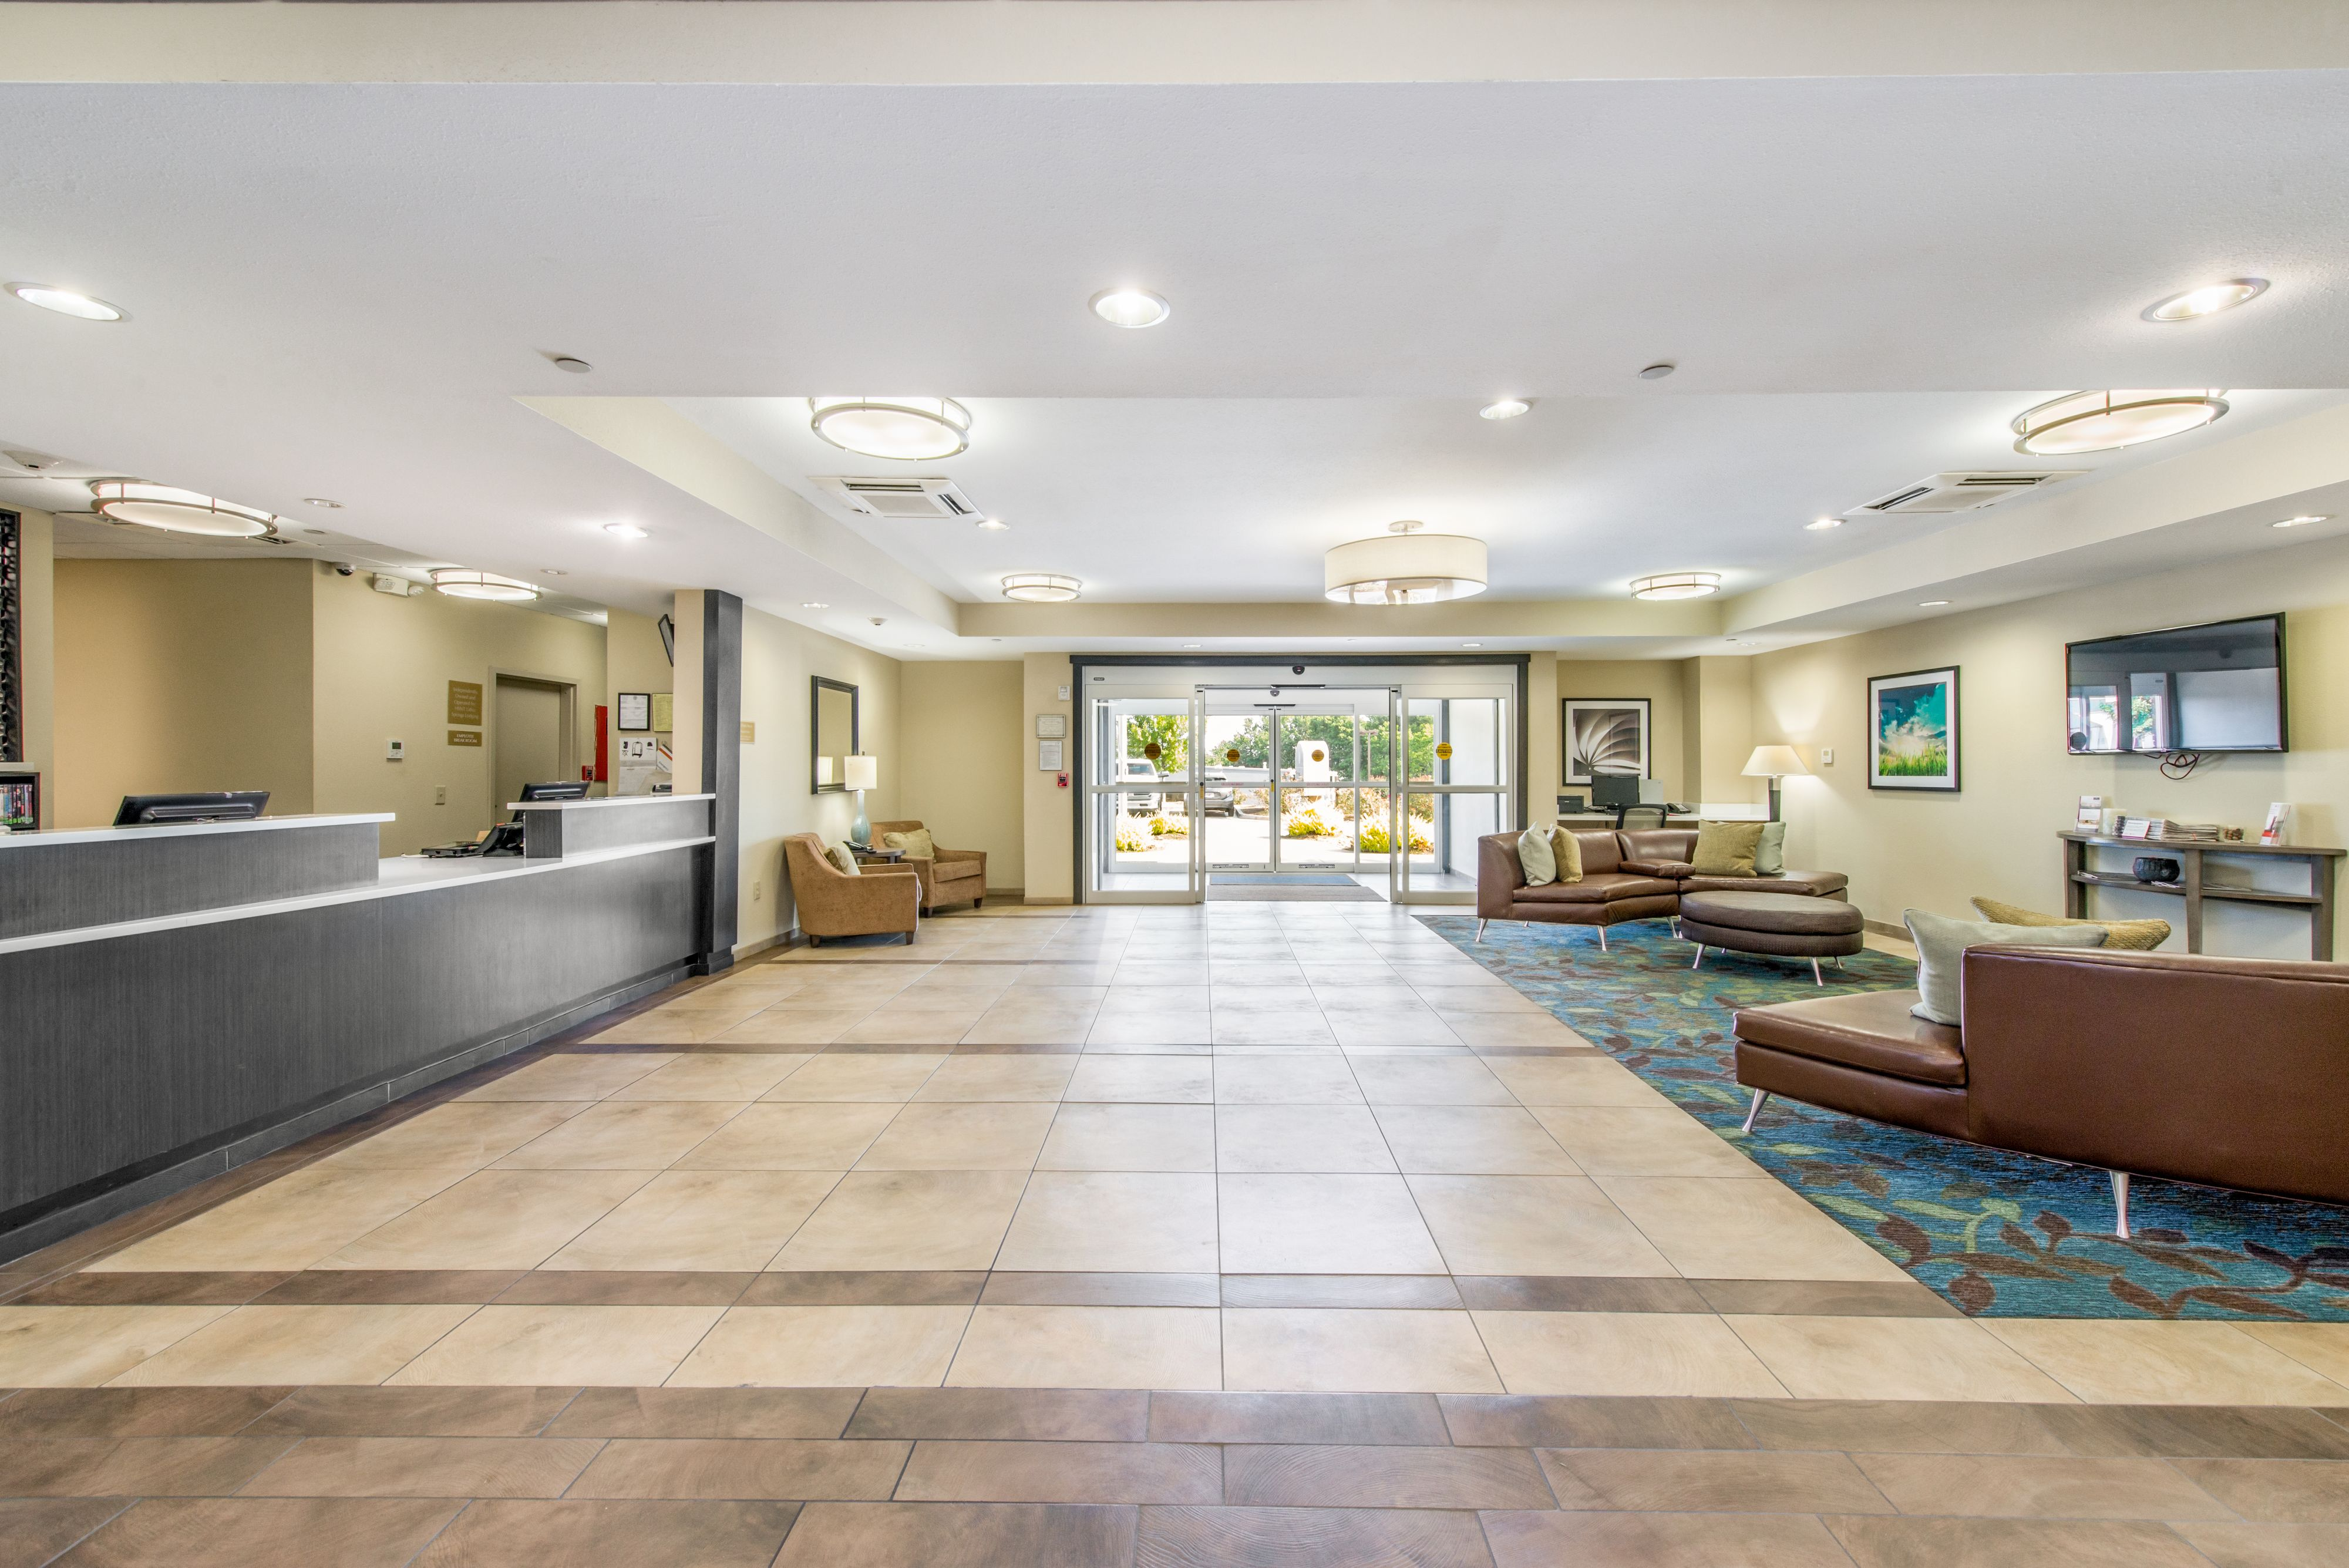 Candlewood Suites Atlanta West I-20 image 2